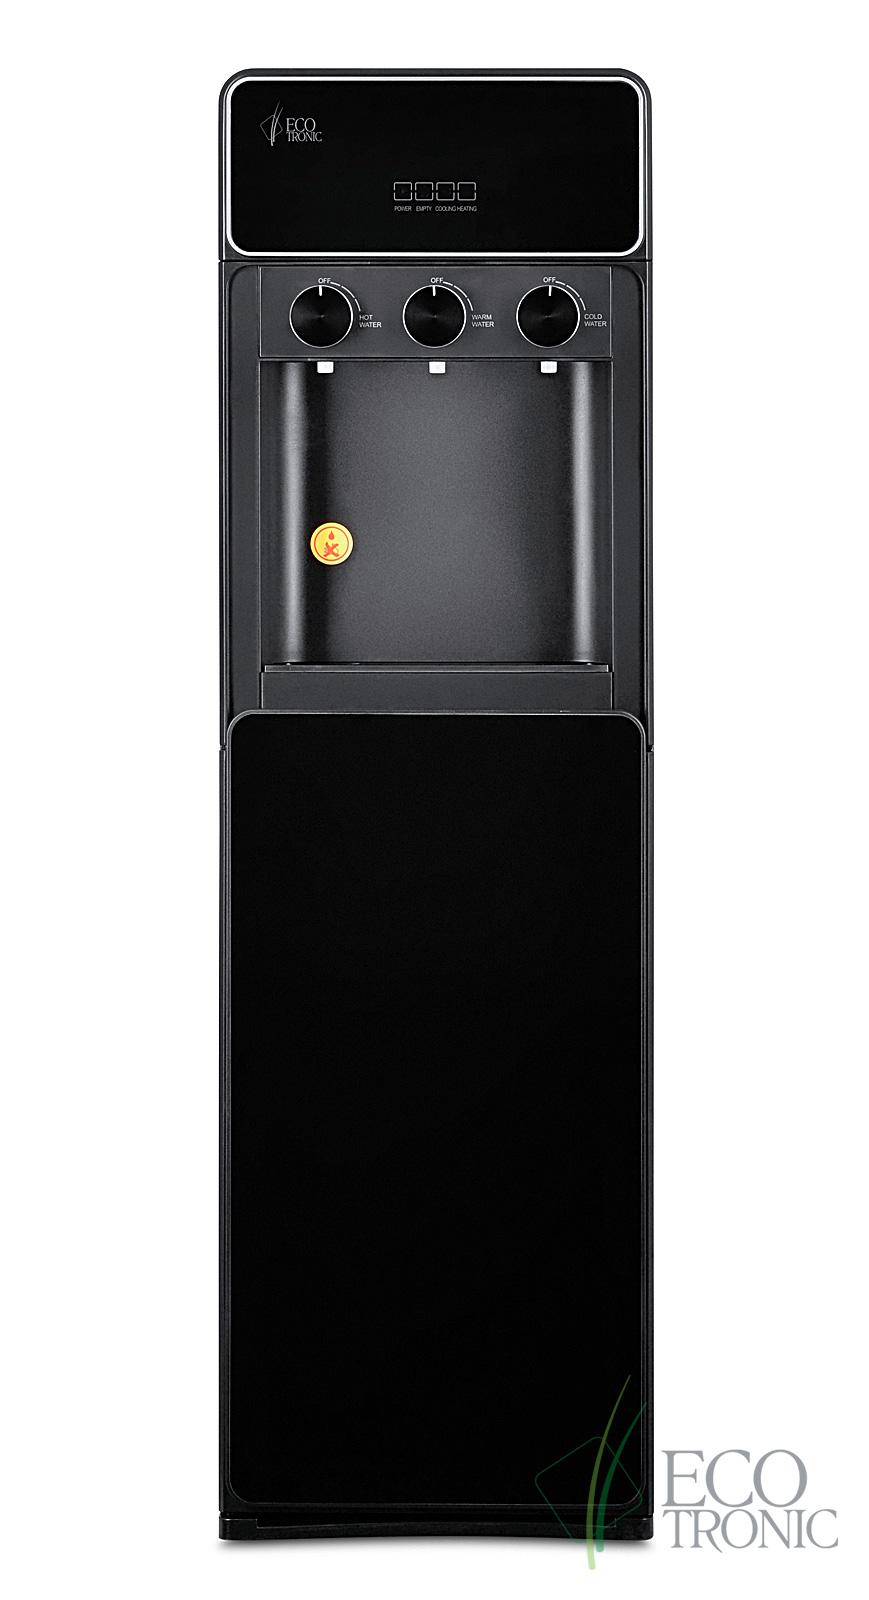 Кулер Ecotronic K42-LXE black